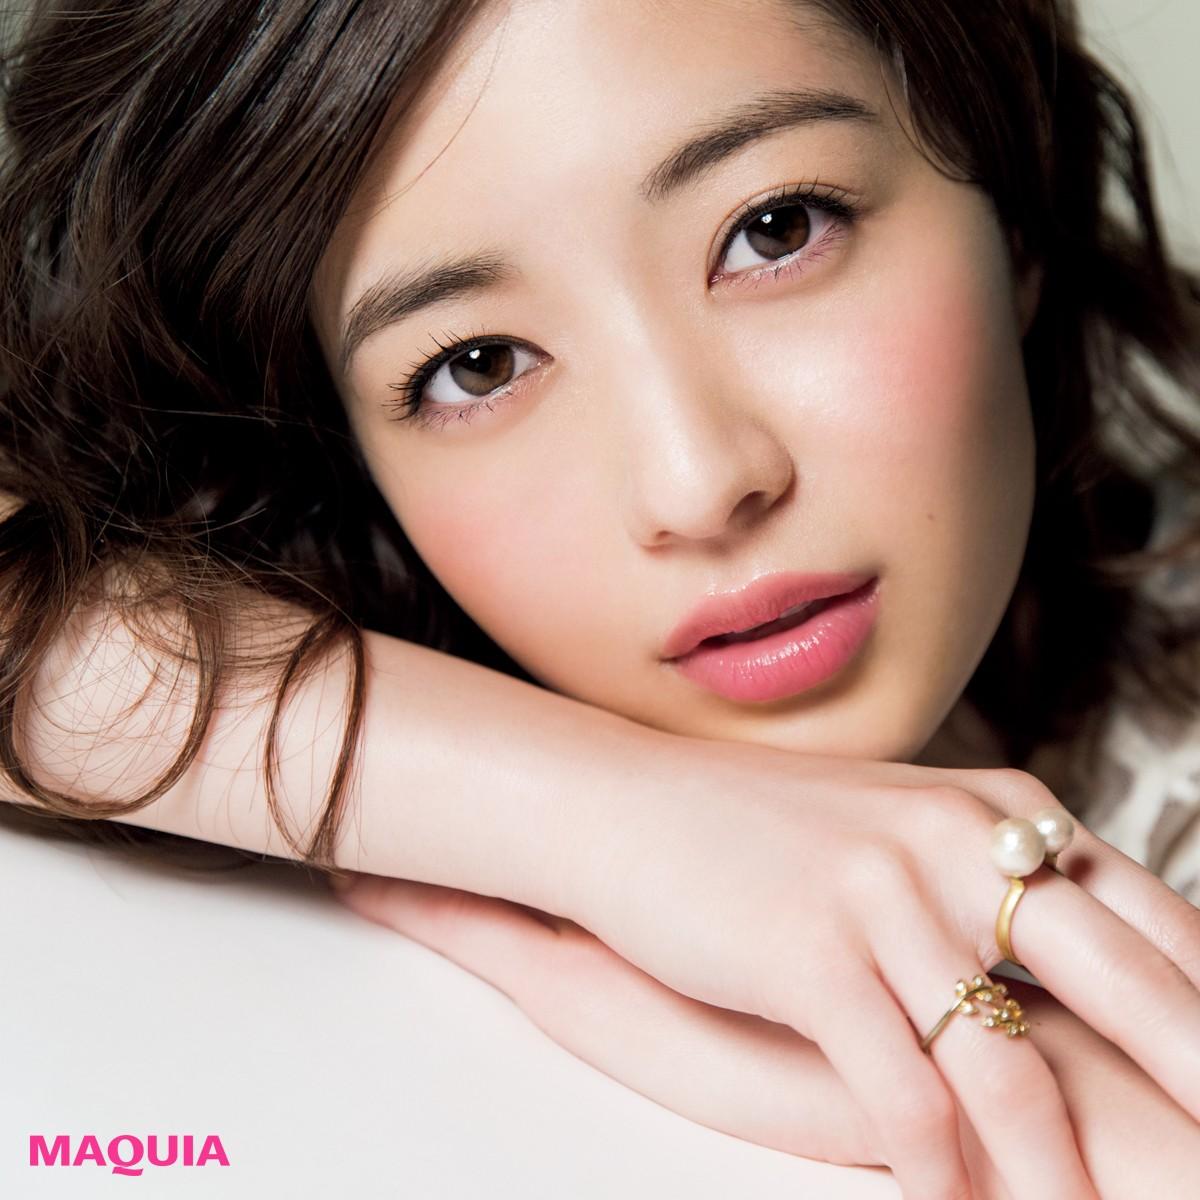 ふんわりやわらかな眉へ♡おすすめの人気眉マスカラ大公開!!のサムネイル画像